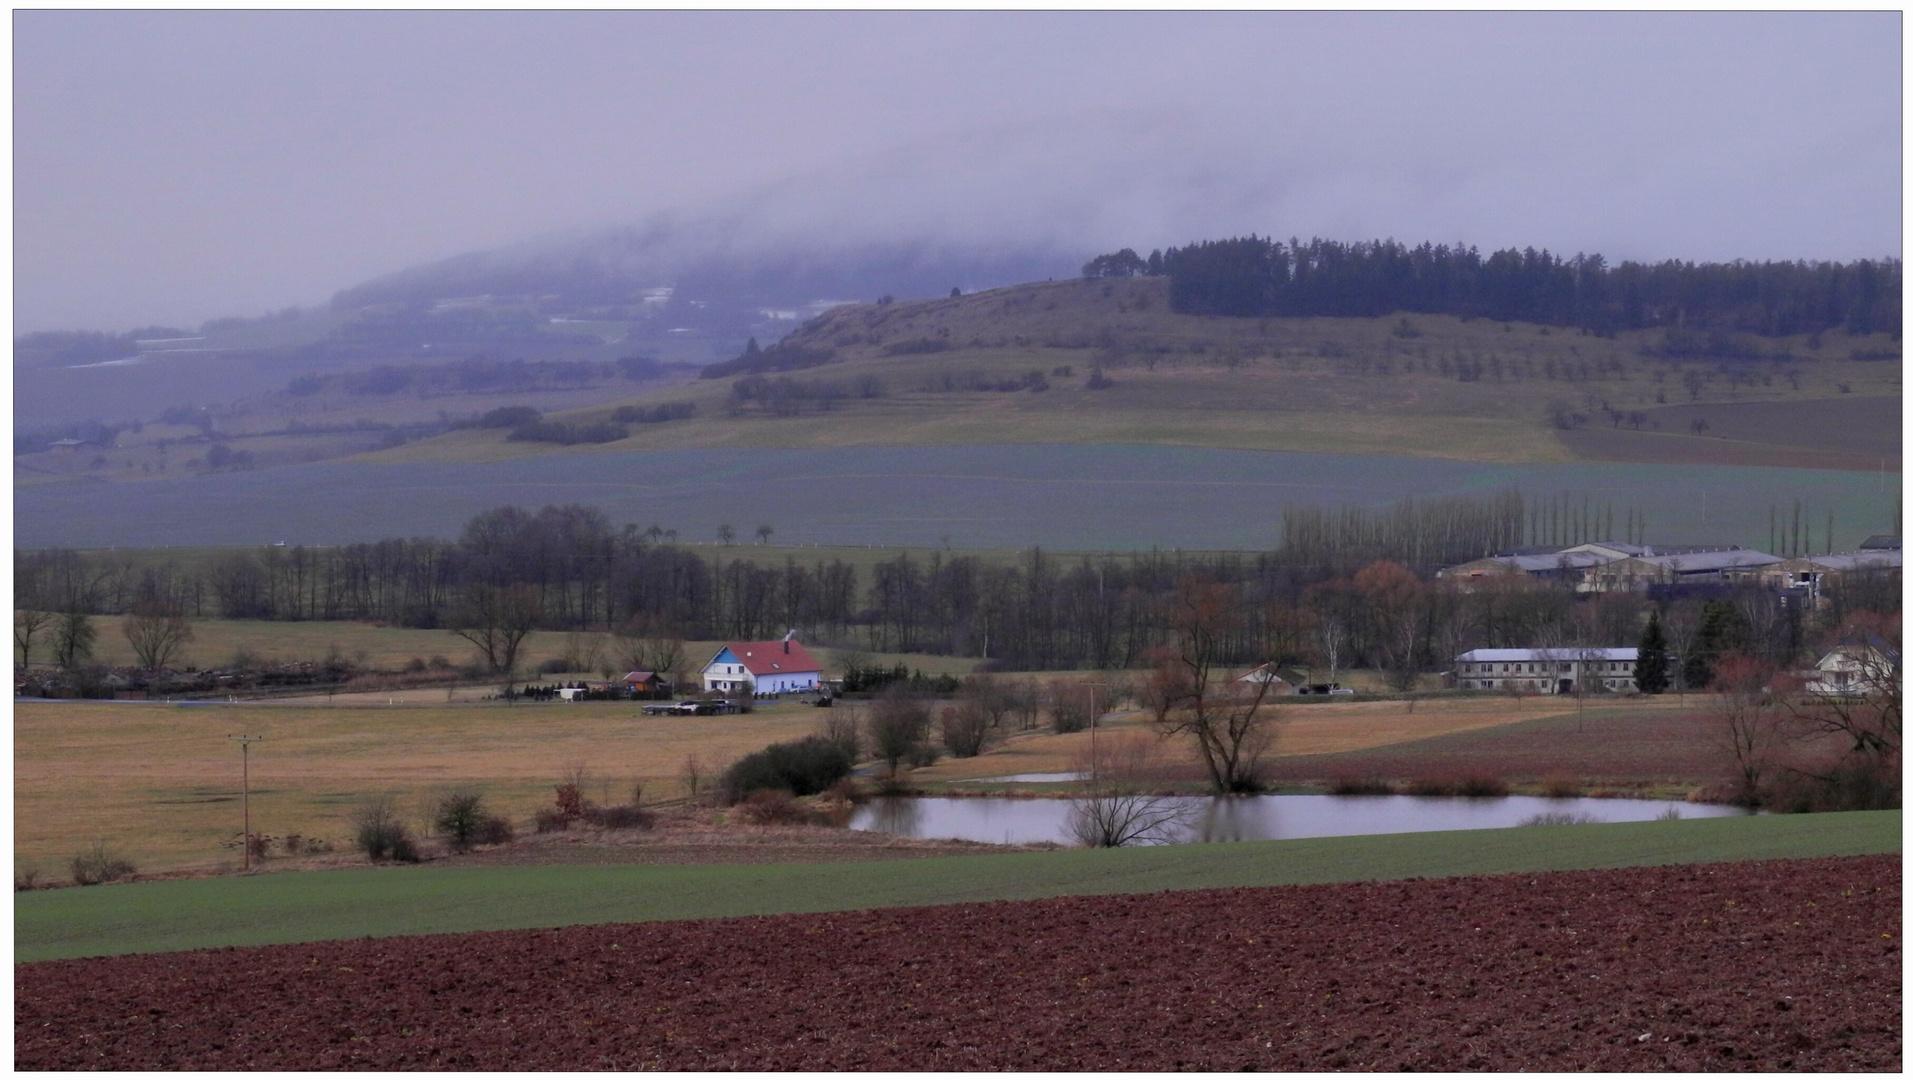 En los alrededores de mi pueblo (in der näheren Umgebung von meinem Dorf)